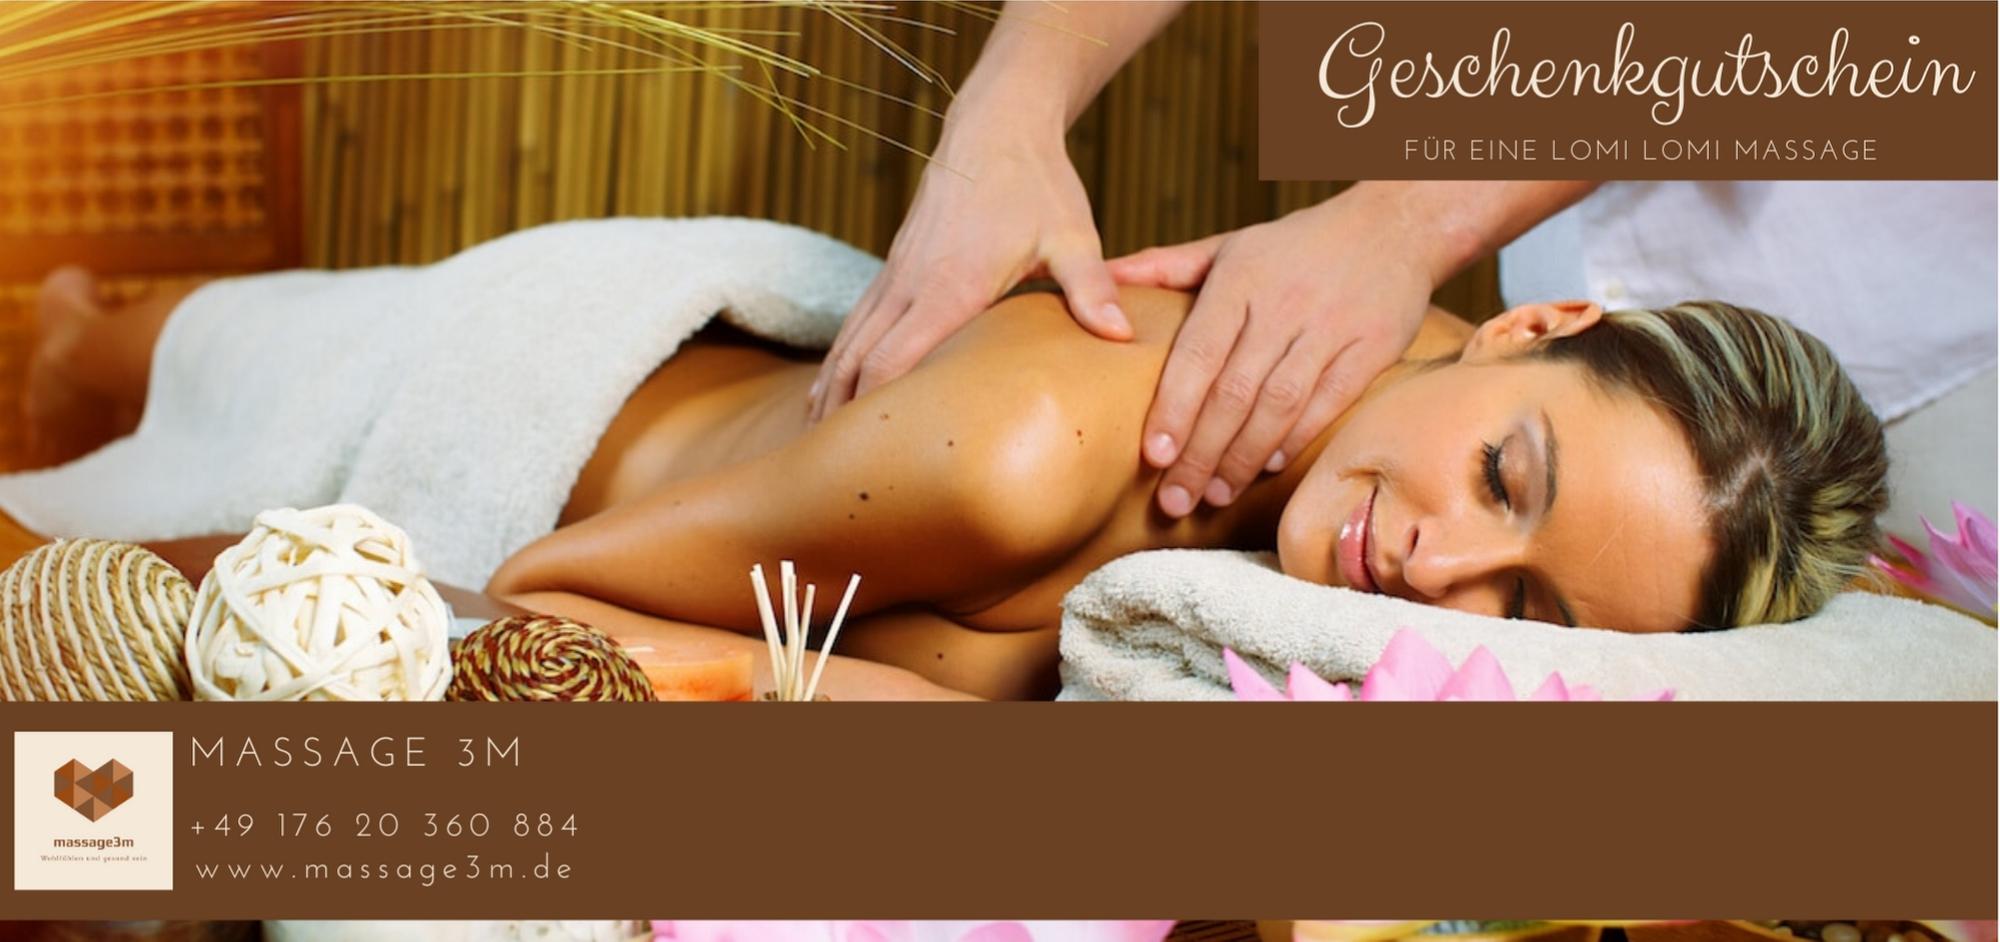 Gutschein Lomi Lomi Massage.jpg